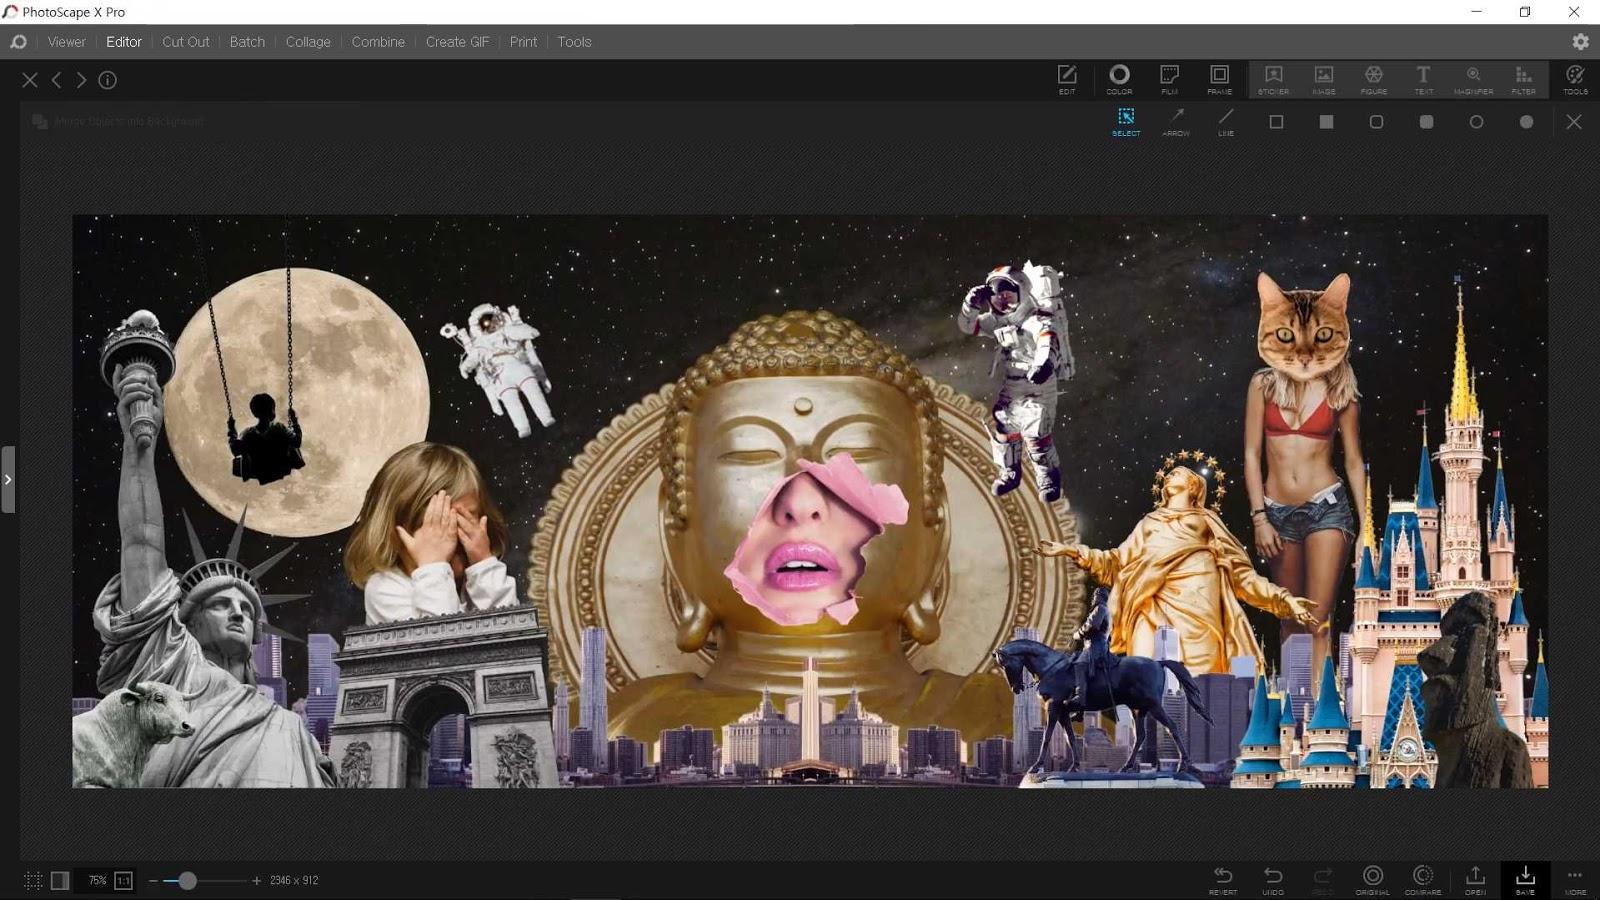 PhotoScape X Pro 4.0.2 poster box cover